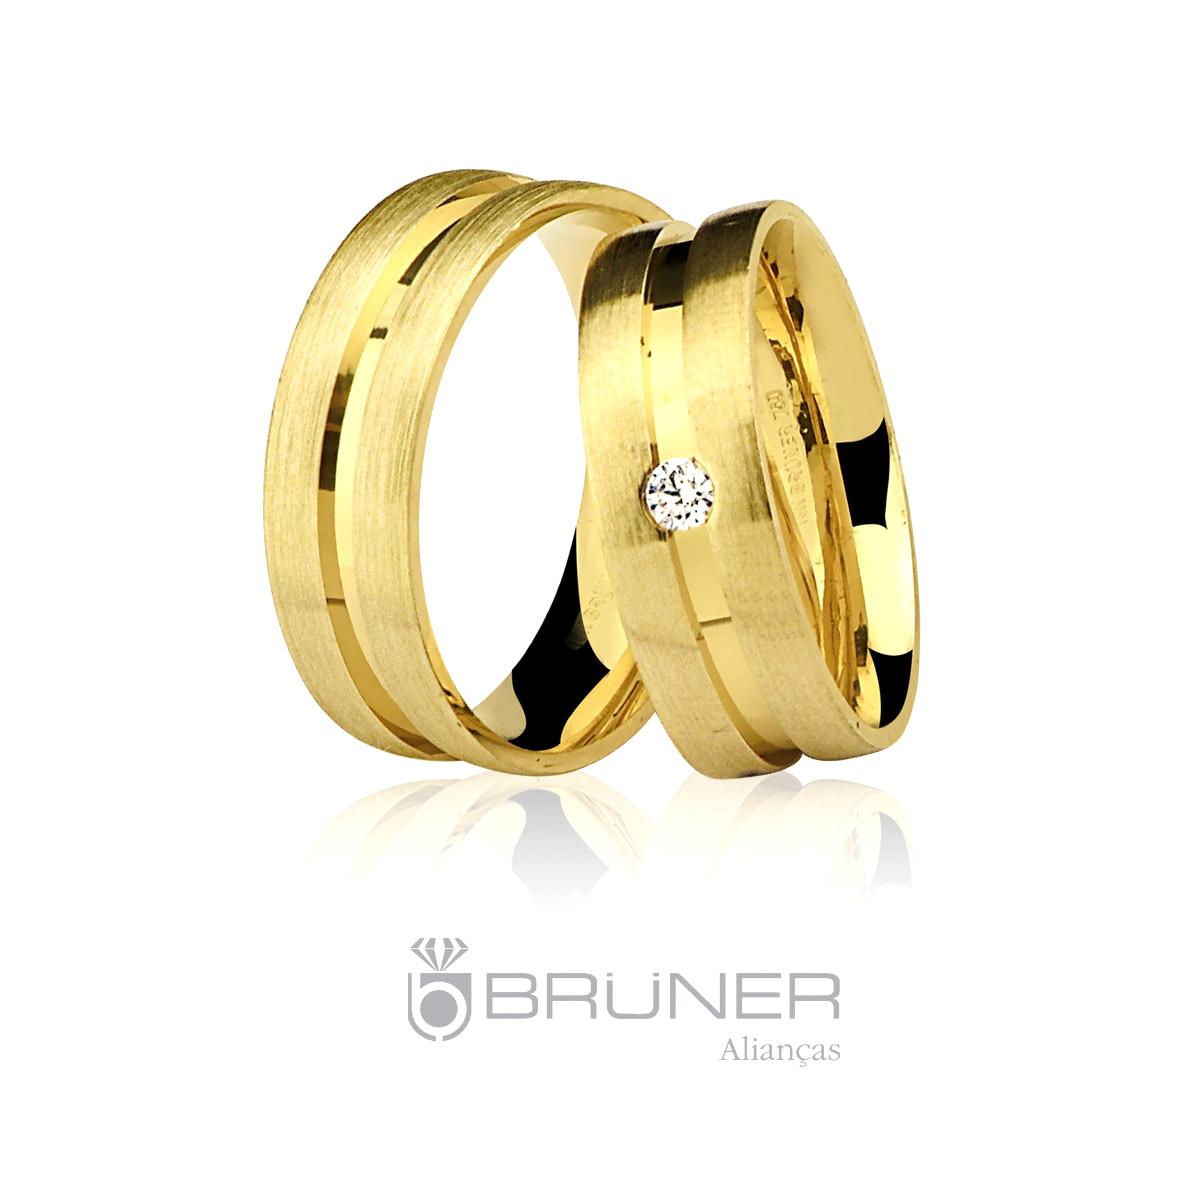 6949242d598 Par de Alianças Fosca e Lisa Diamante Ouro 18k 750 - Marcio ...